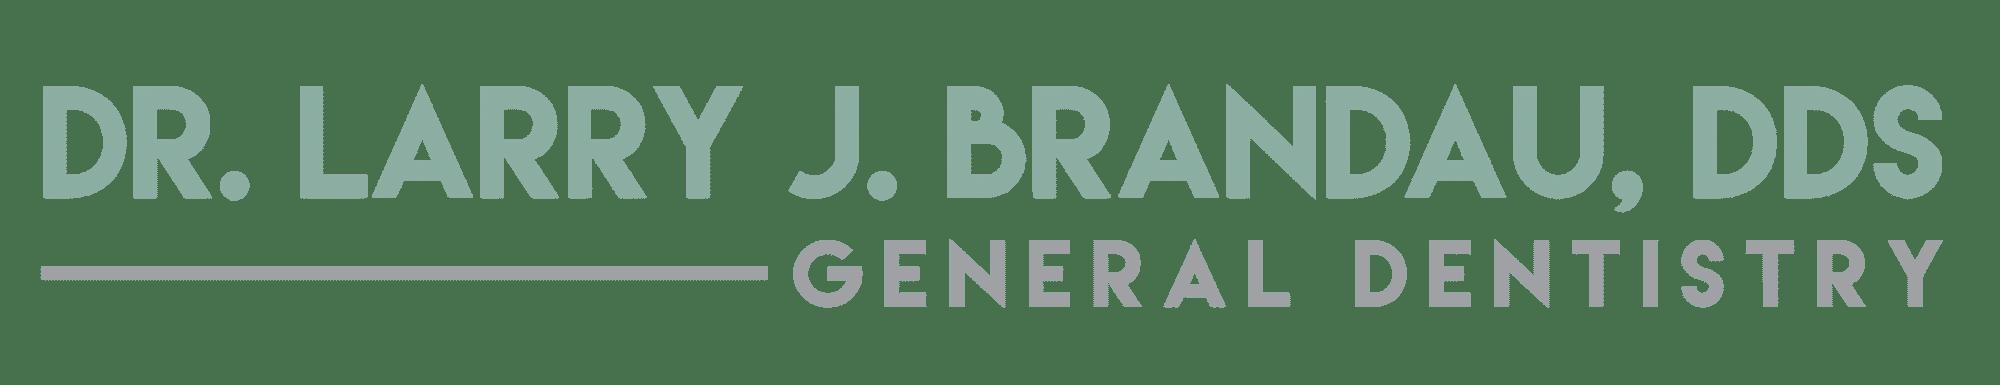 Dr. Larry J. Brandau